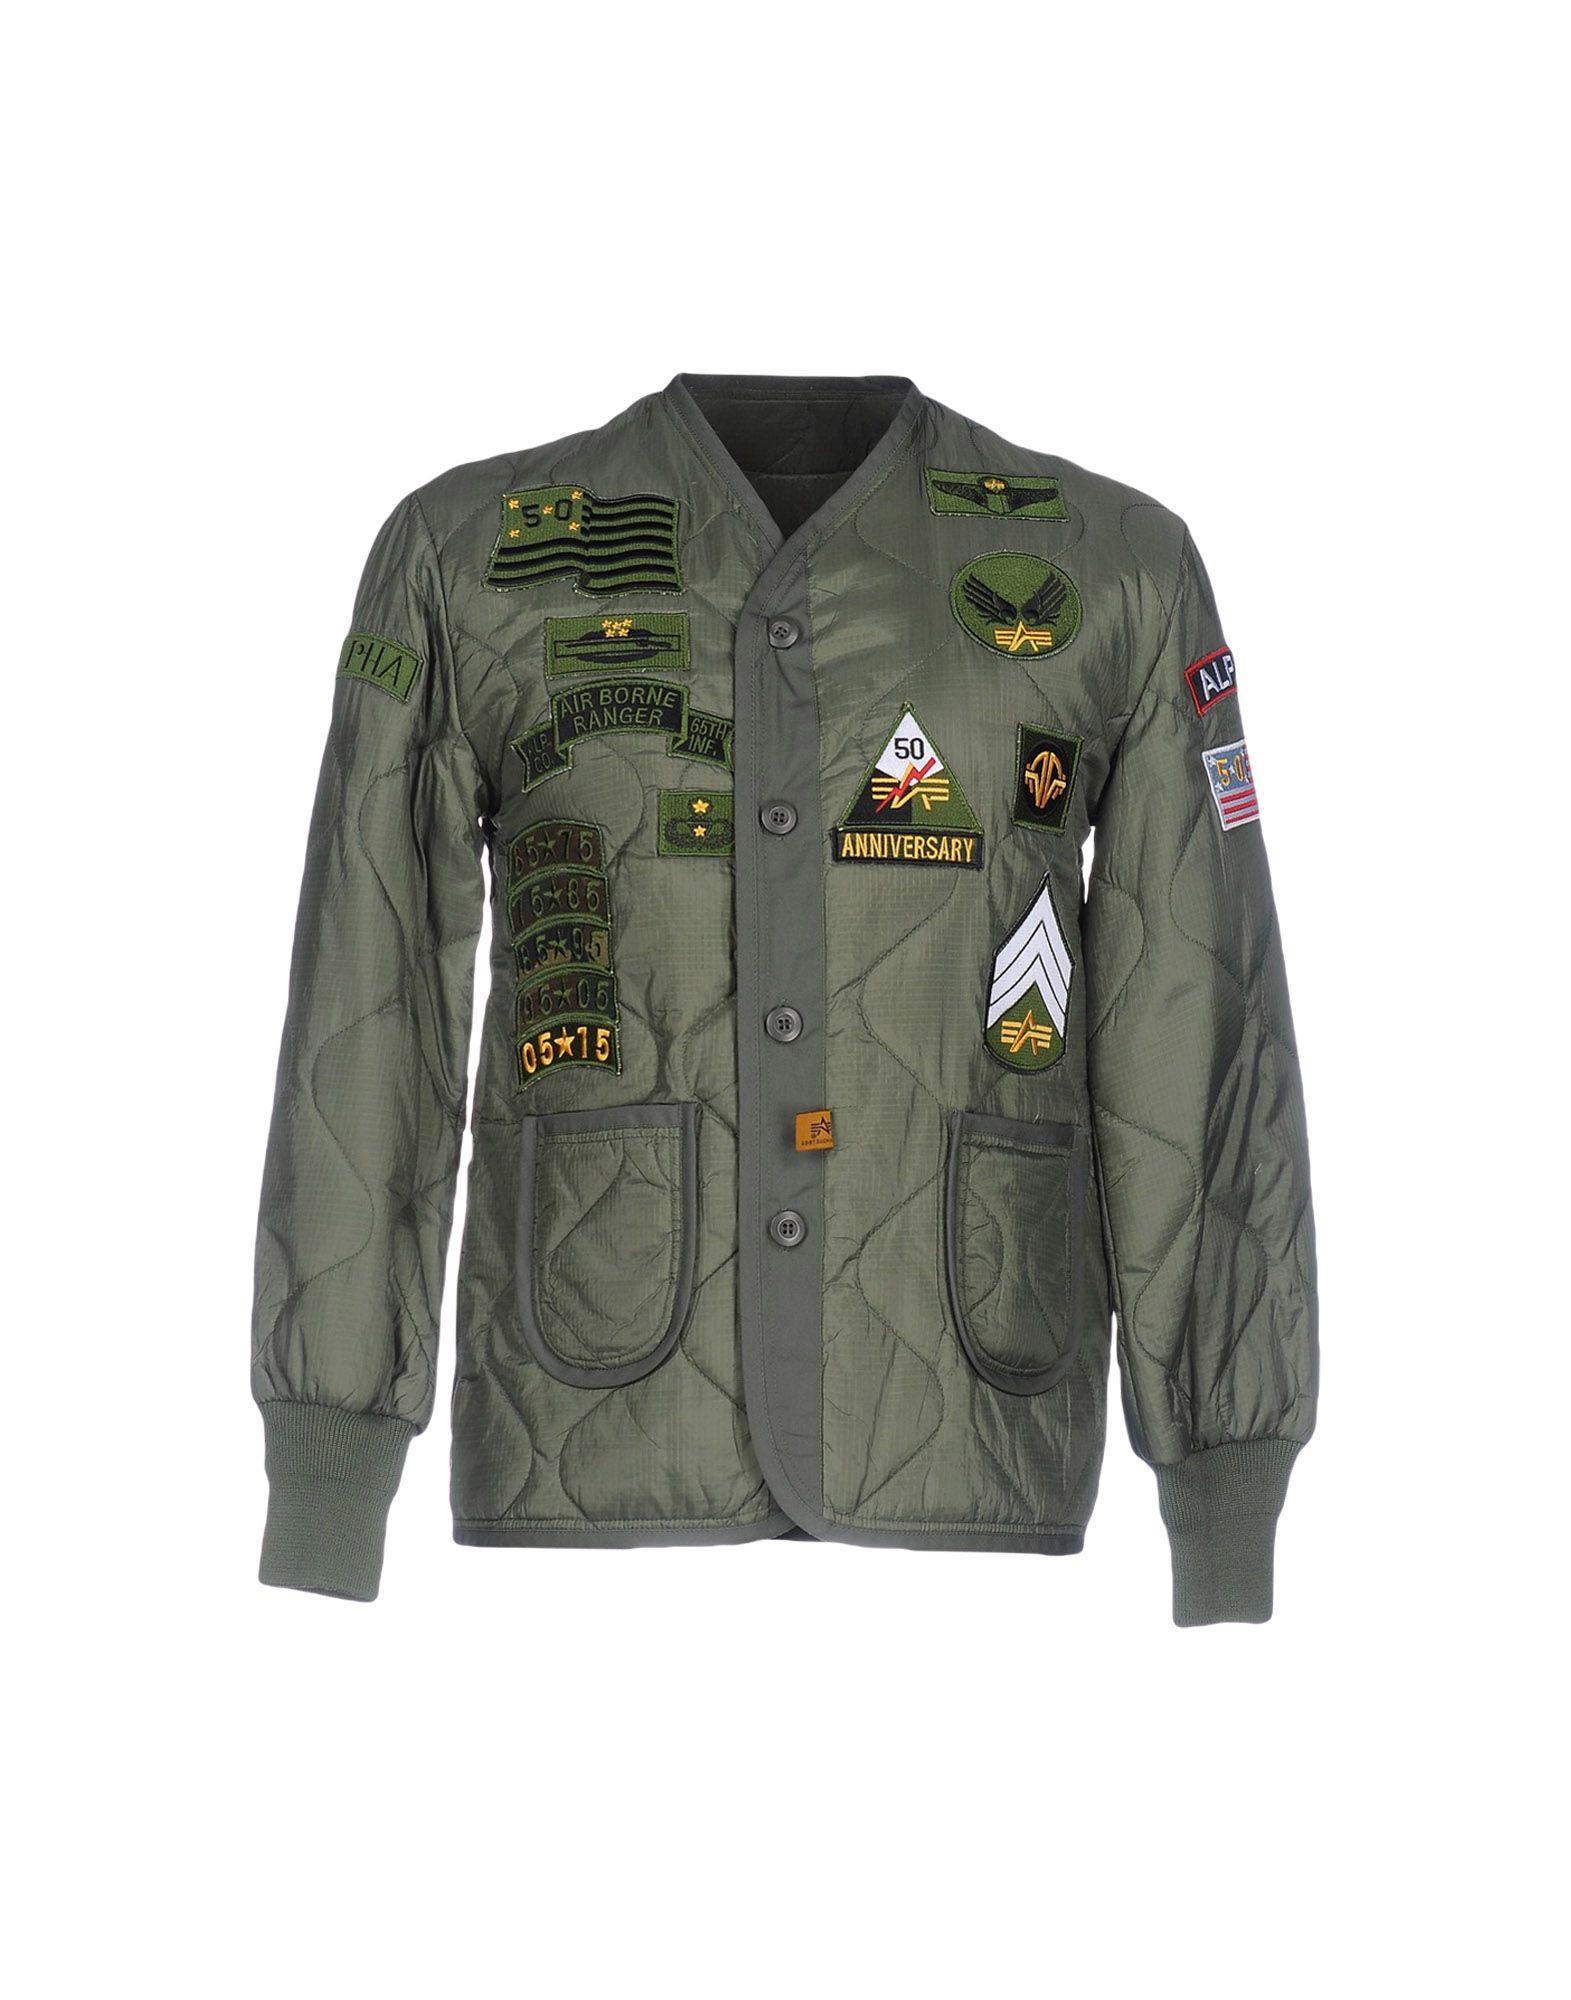 ALPHA INDUSTRIES INC. Herren Jacke Farbe Militärgrün Größe 7